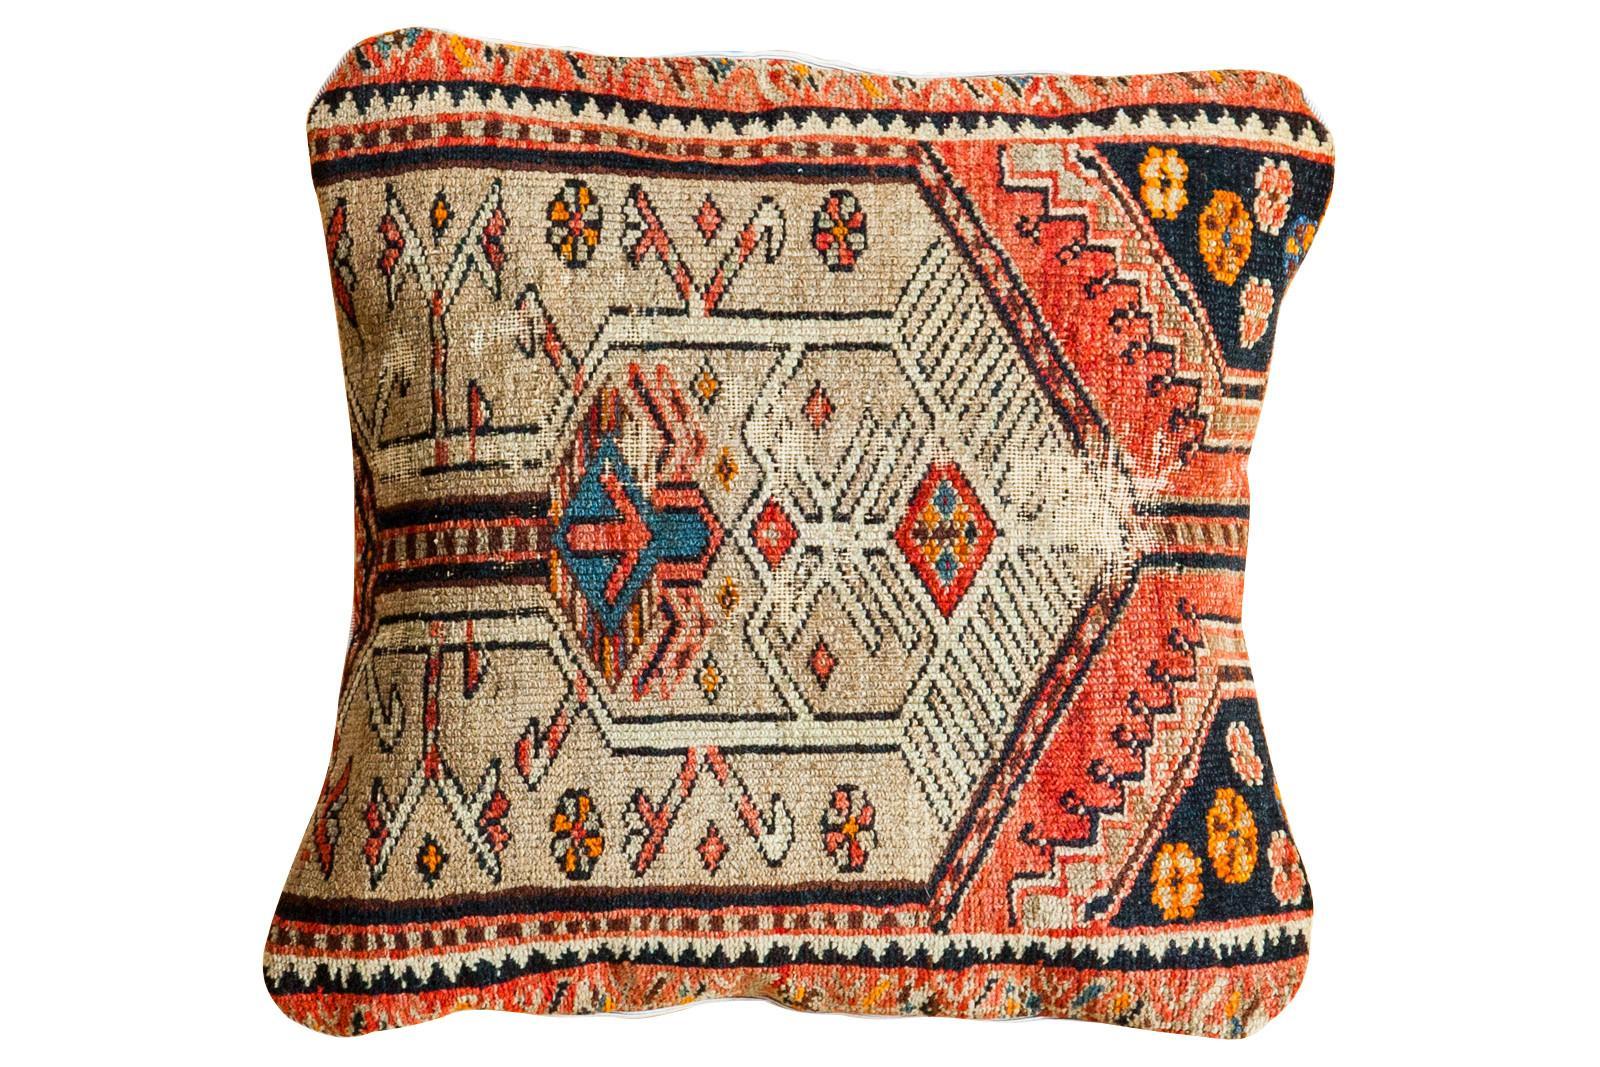 Handmade Persian Rug Fragment Pillow Chairish